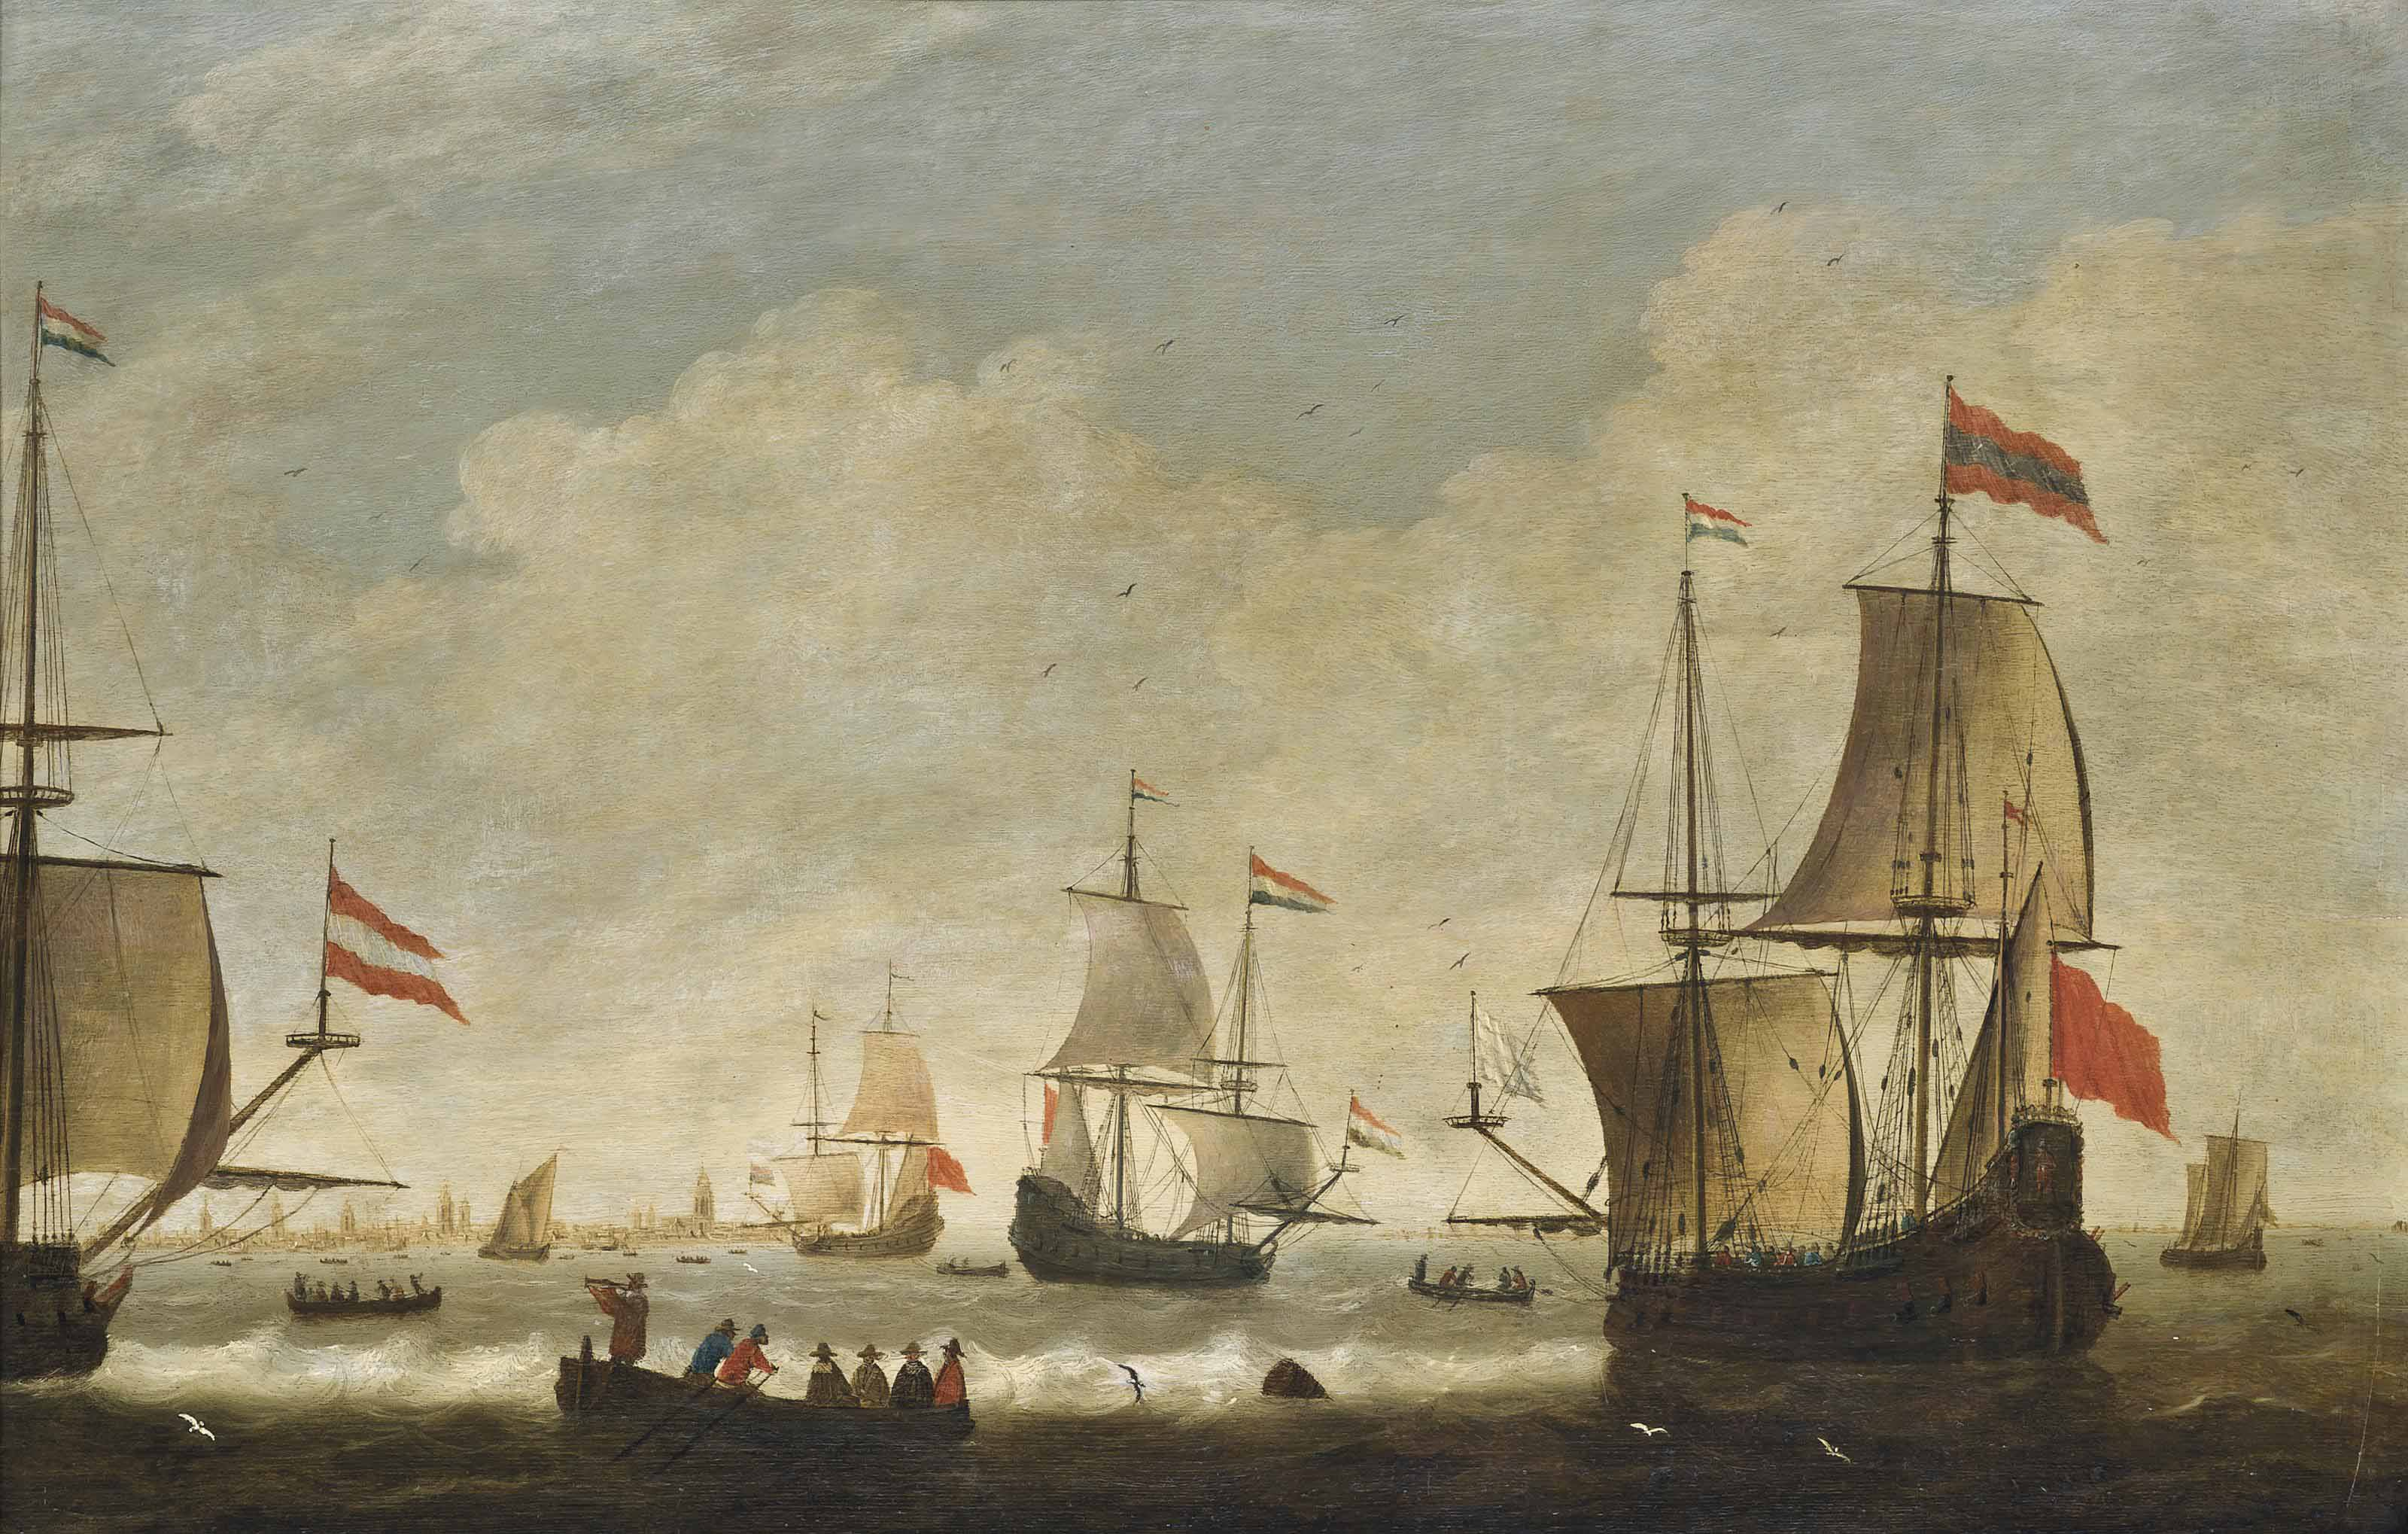 The Dutch fleet getting underway from their anchorage off Amsterdam